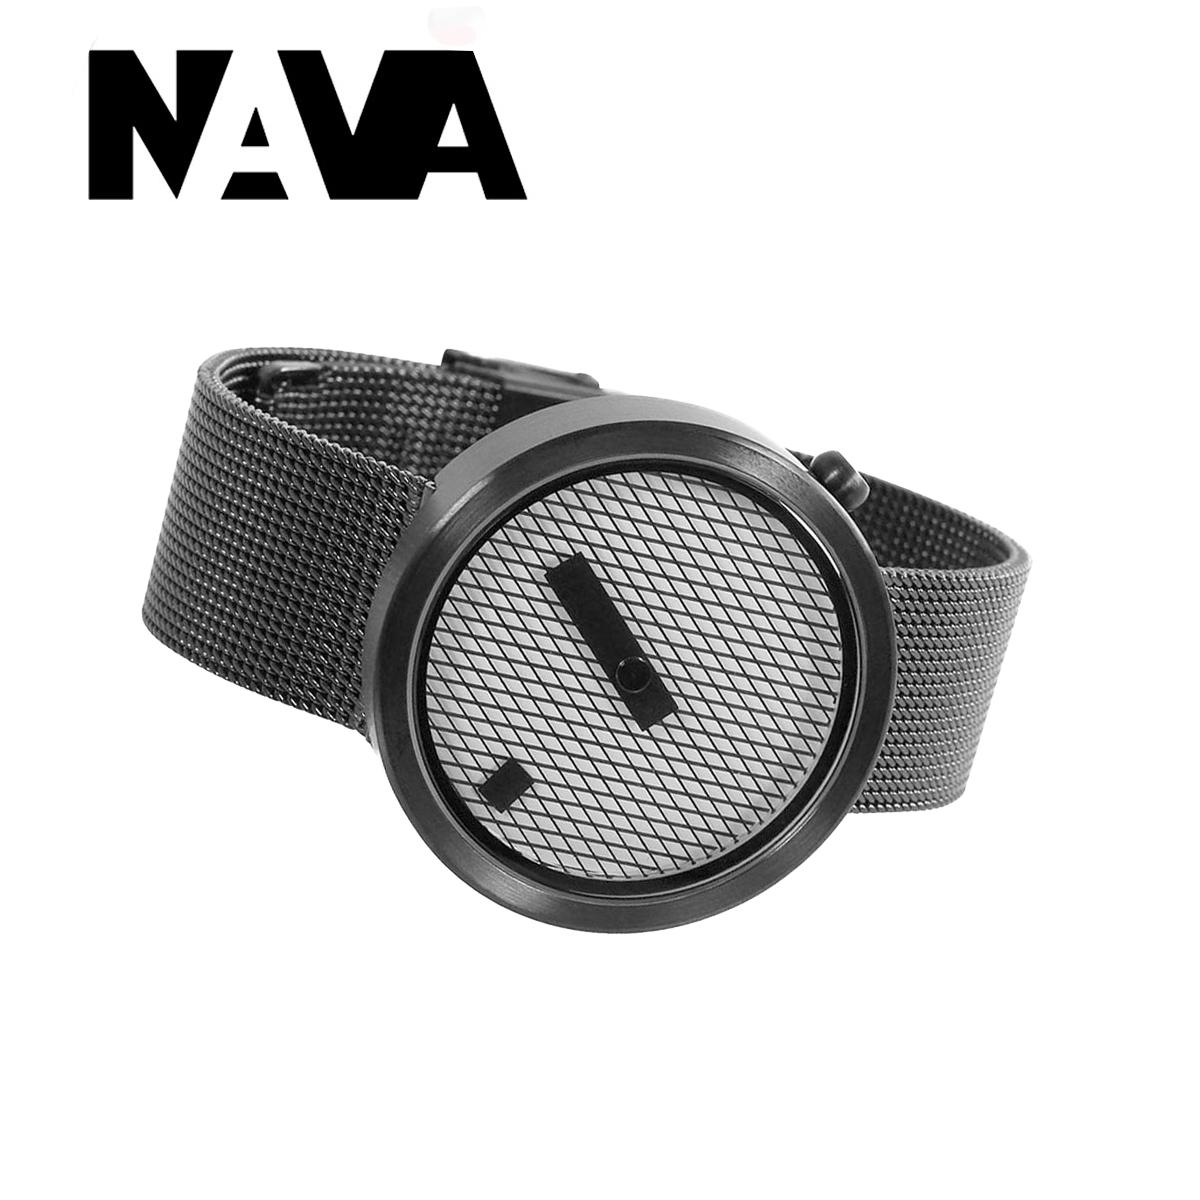 【ラッピング無料】個性を極めた腕時計!! NAVA DESIGN ナバデザイン JACQUARD ジャカード O603 ブラック 黒色 メンズ レディース ウォッチ 男性用 女性用 腕時計 ナヴァデザイン NVA020041